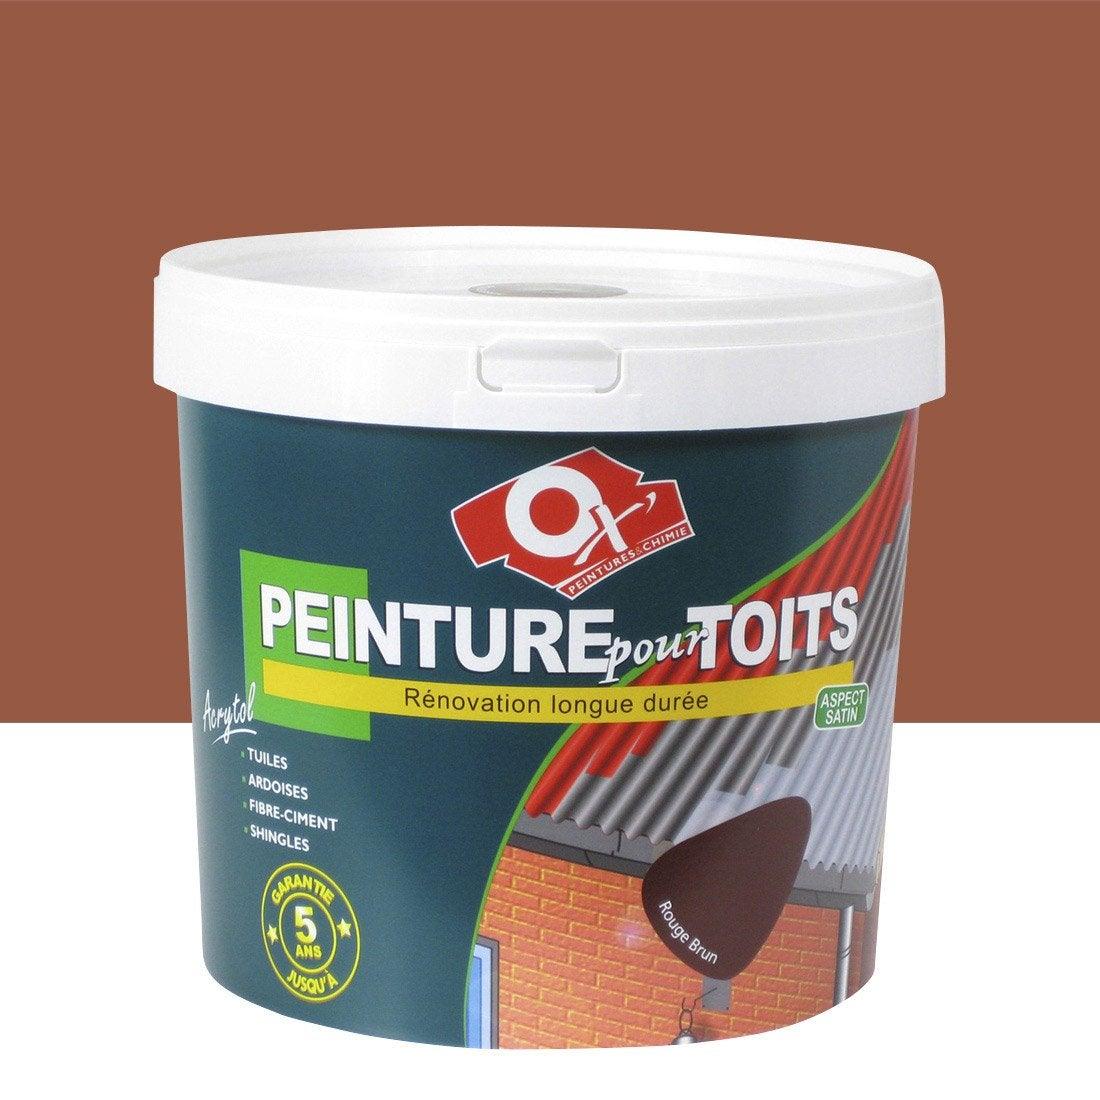 Peinture toiture extérieure Acrytol OXYTOL, ocre rouge, 10 L Leroy Merlin # Leroy Merlin Peinture Extérieure Bois